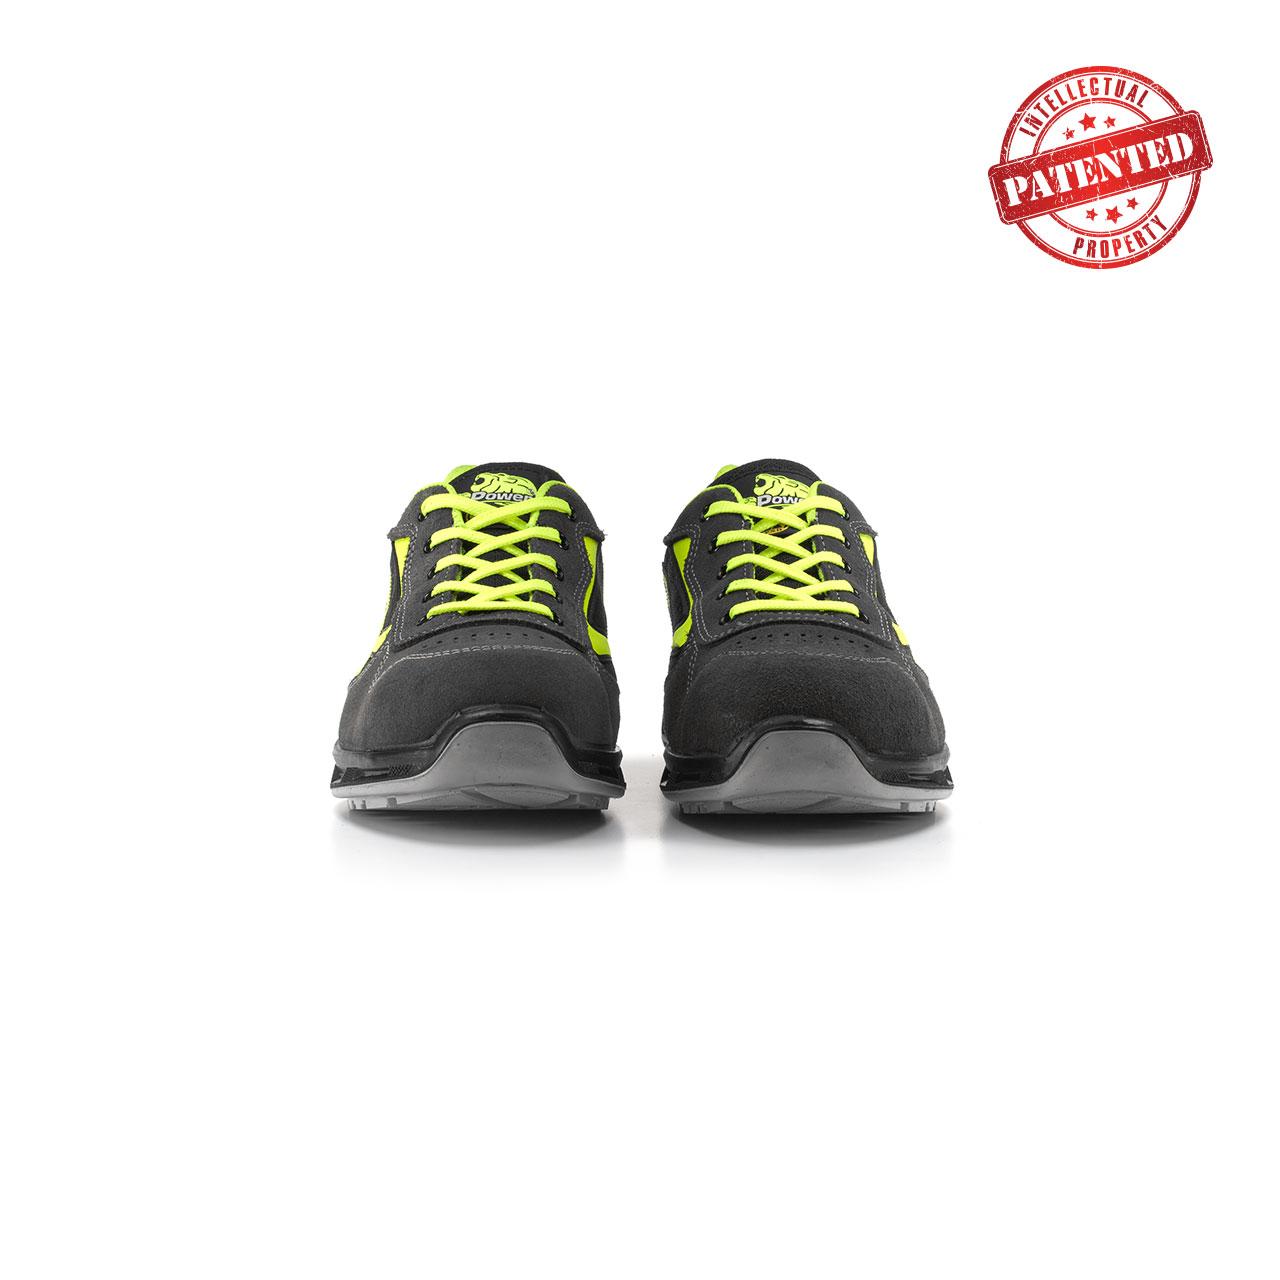 paio di scarpe antinfortunistiche upower modello yellow linea redlion vista frontale